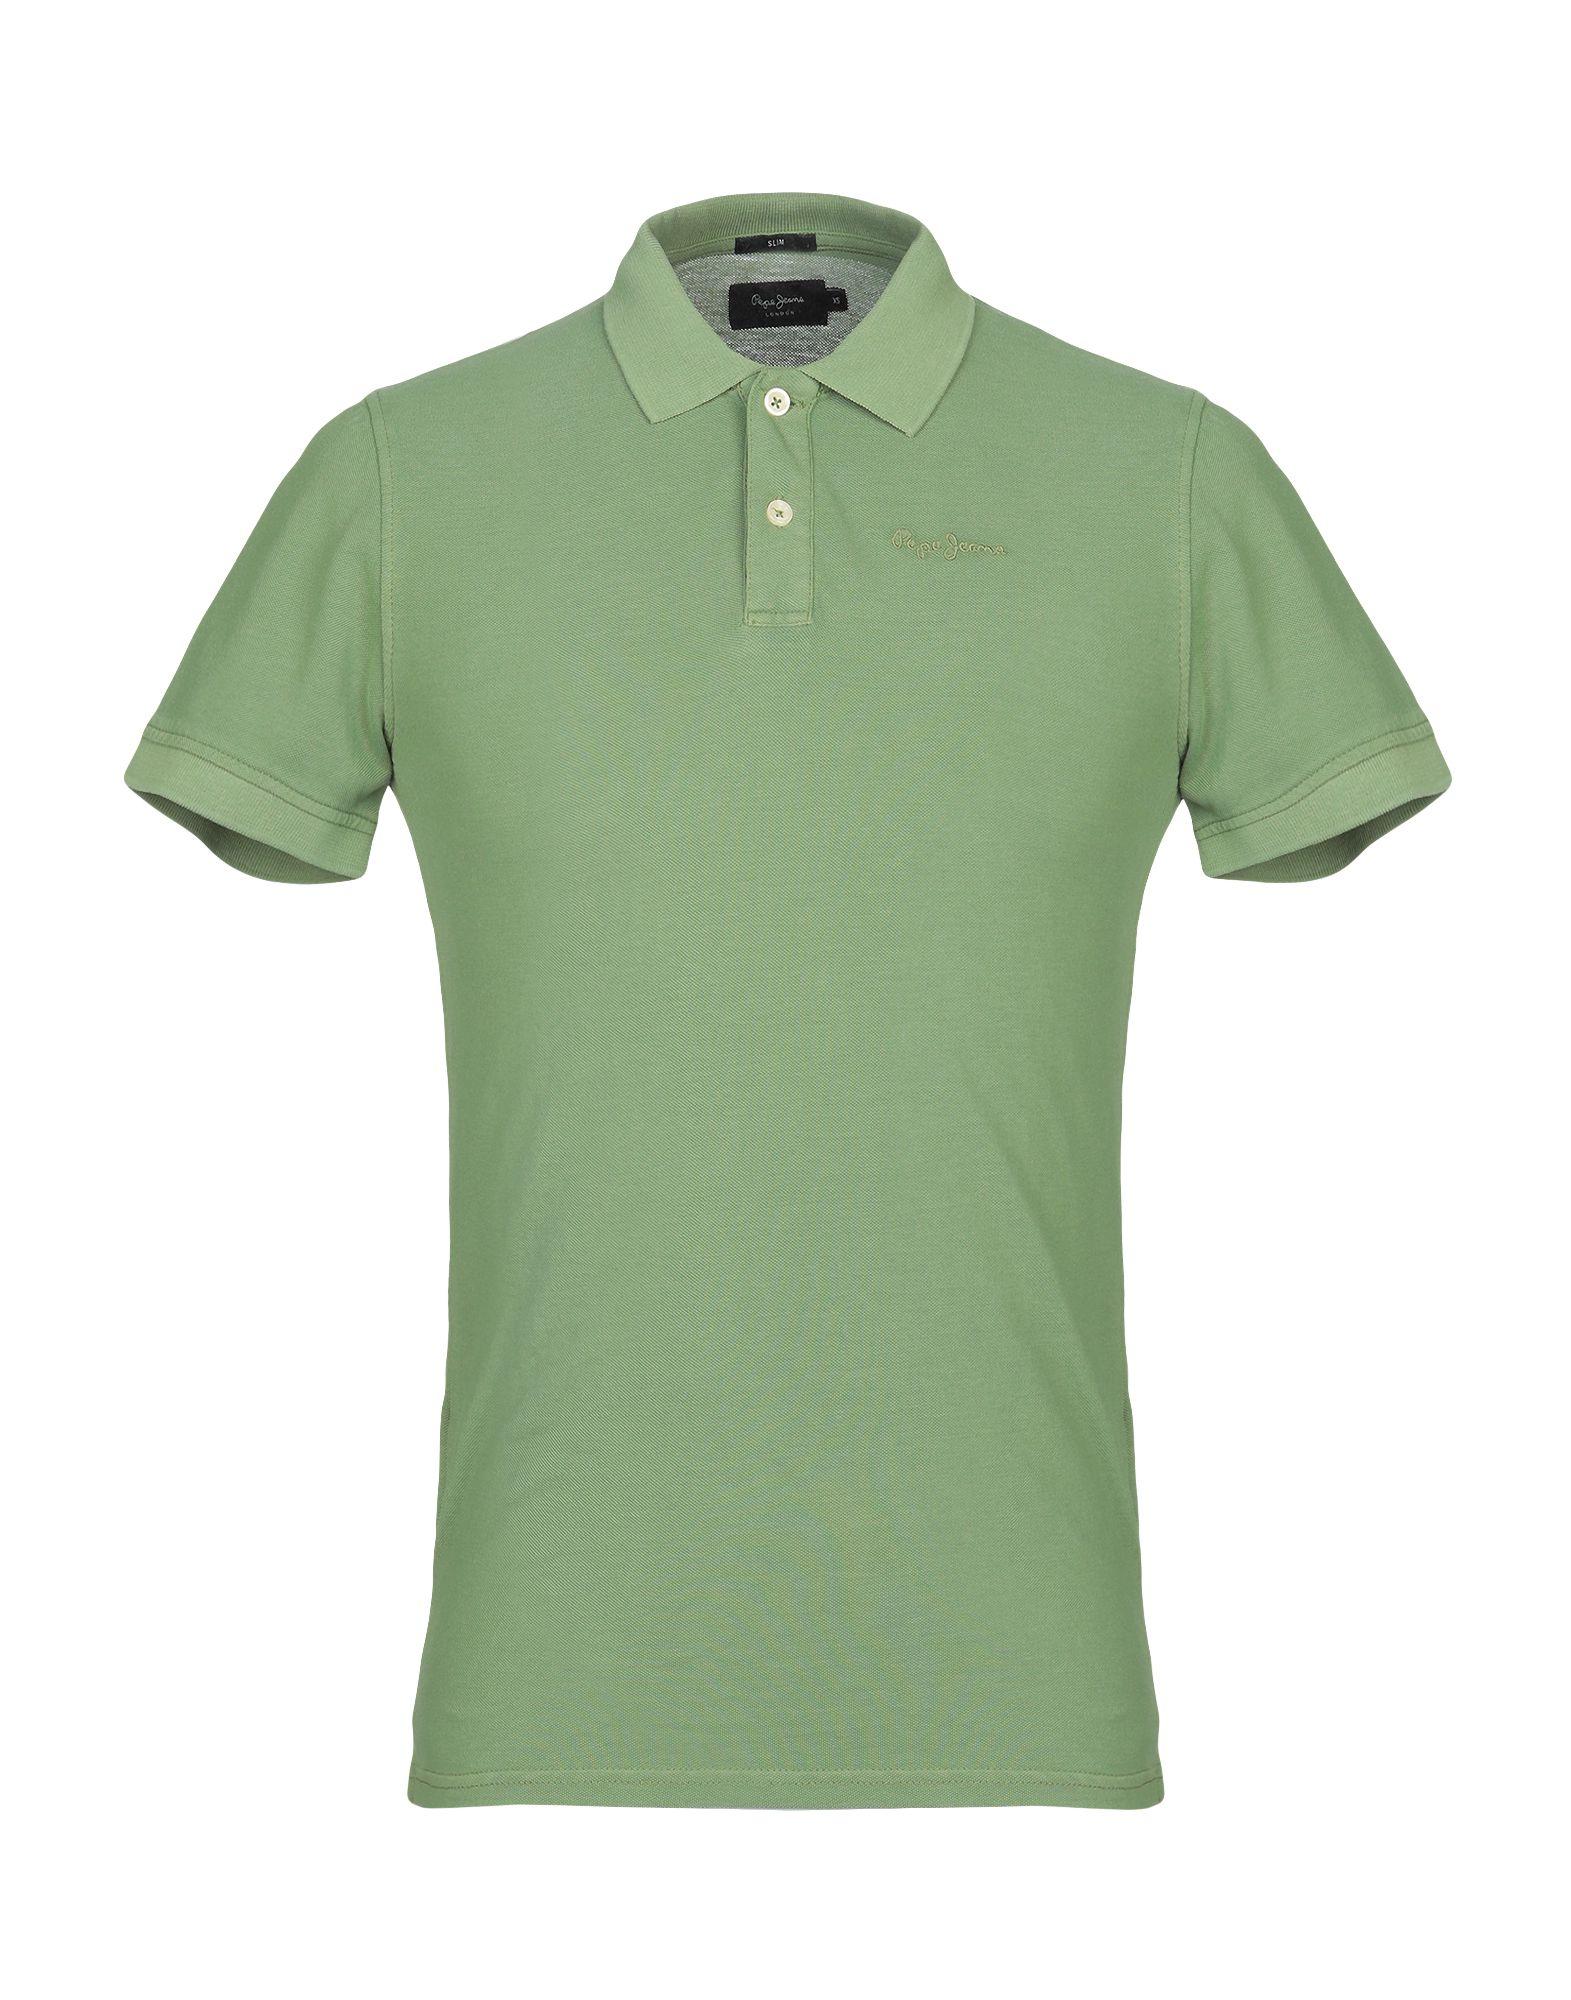 《送料無料》PEPE JEANS メンズ ポロシャツ ミリタリーグリーン XS コットン 100%